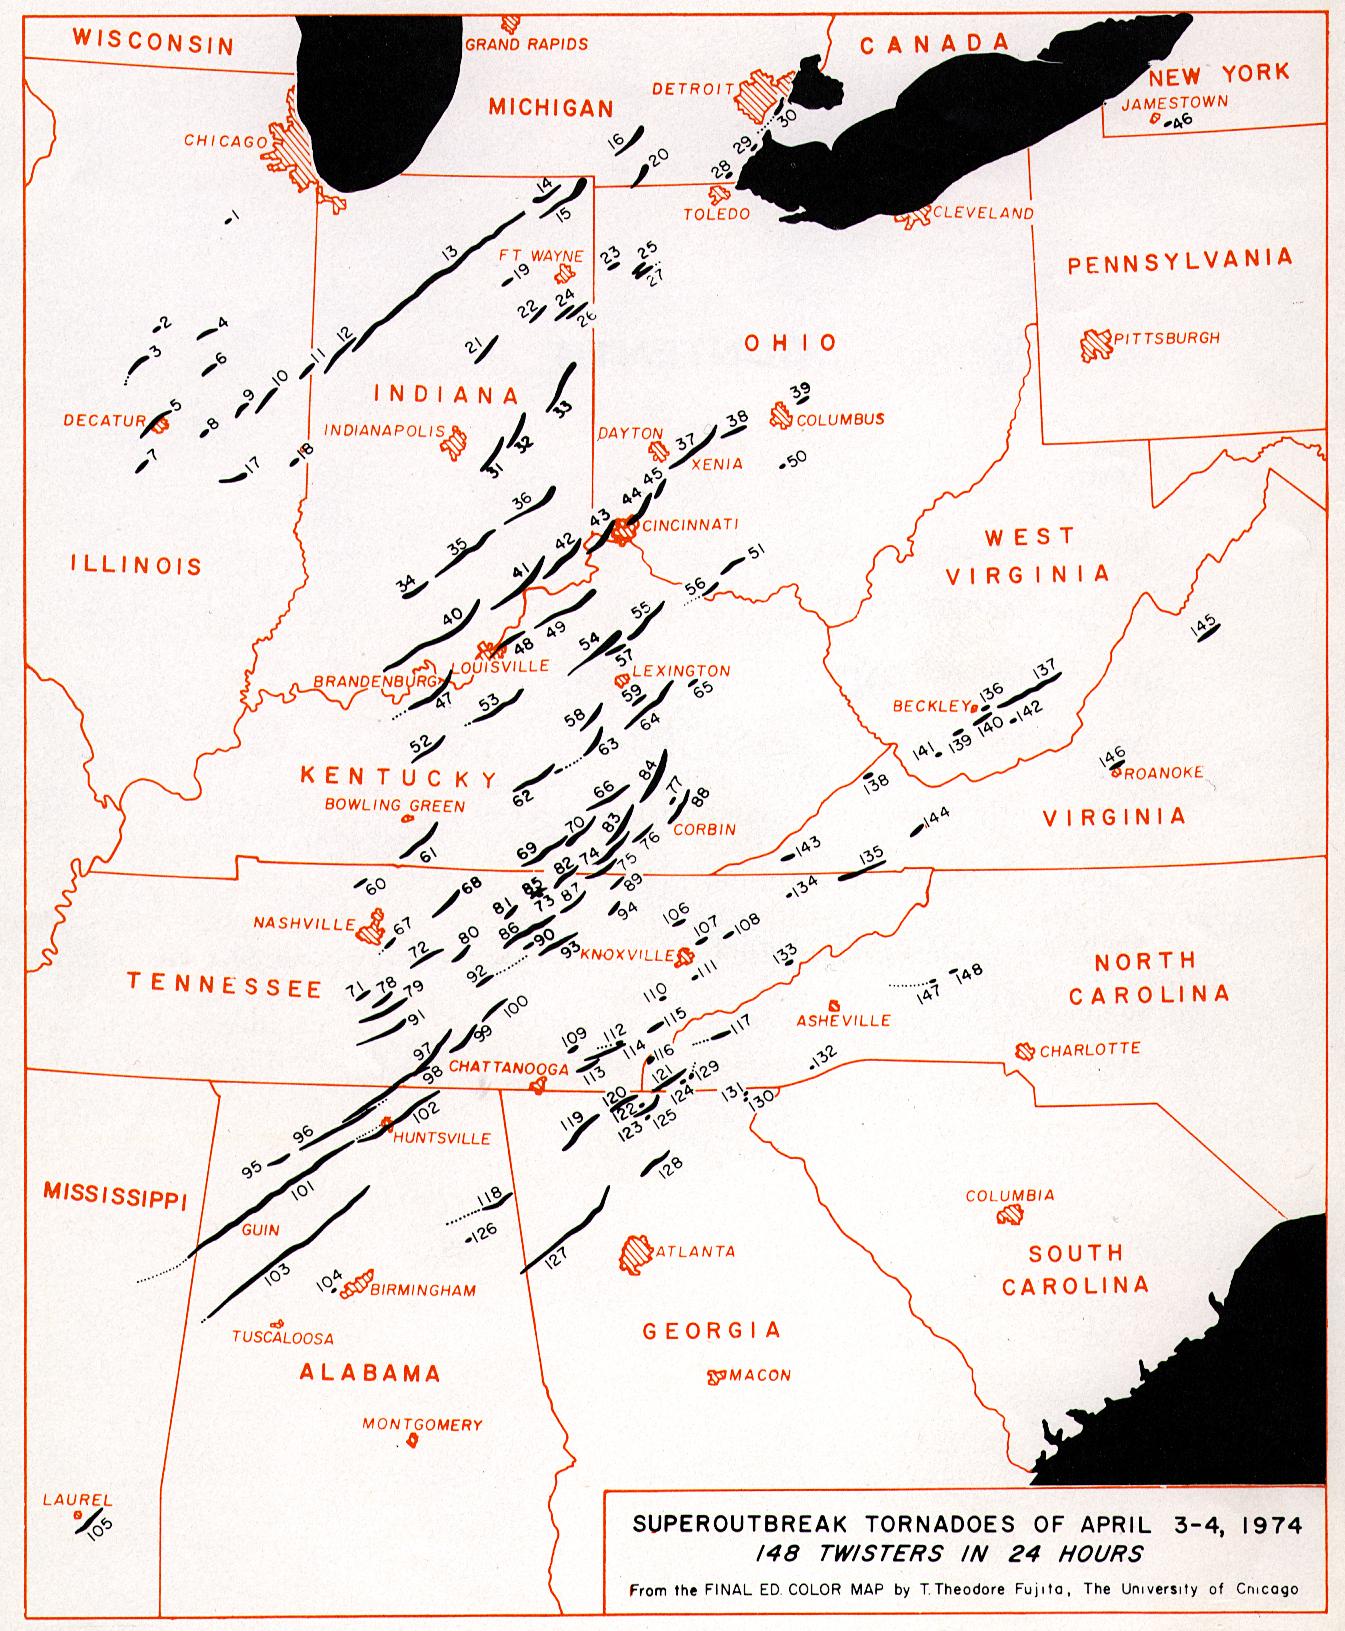 Super Outbreak Map